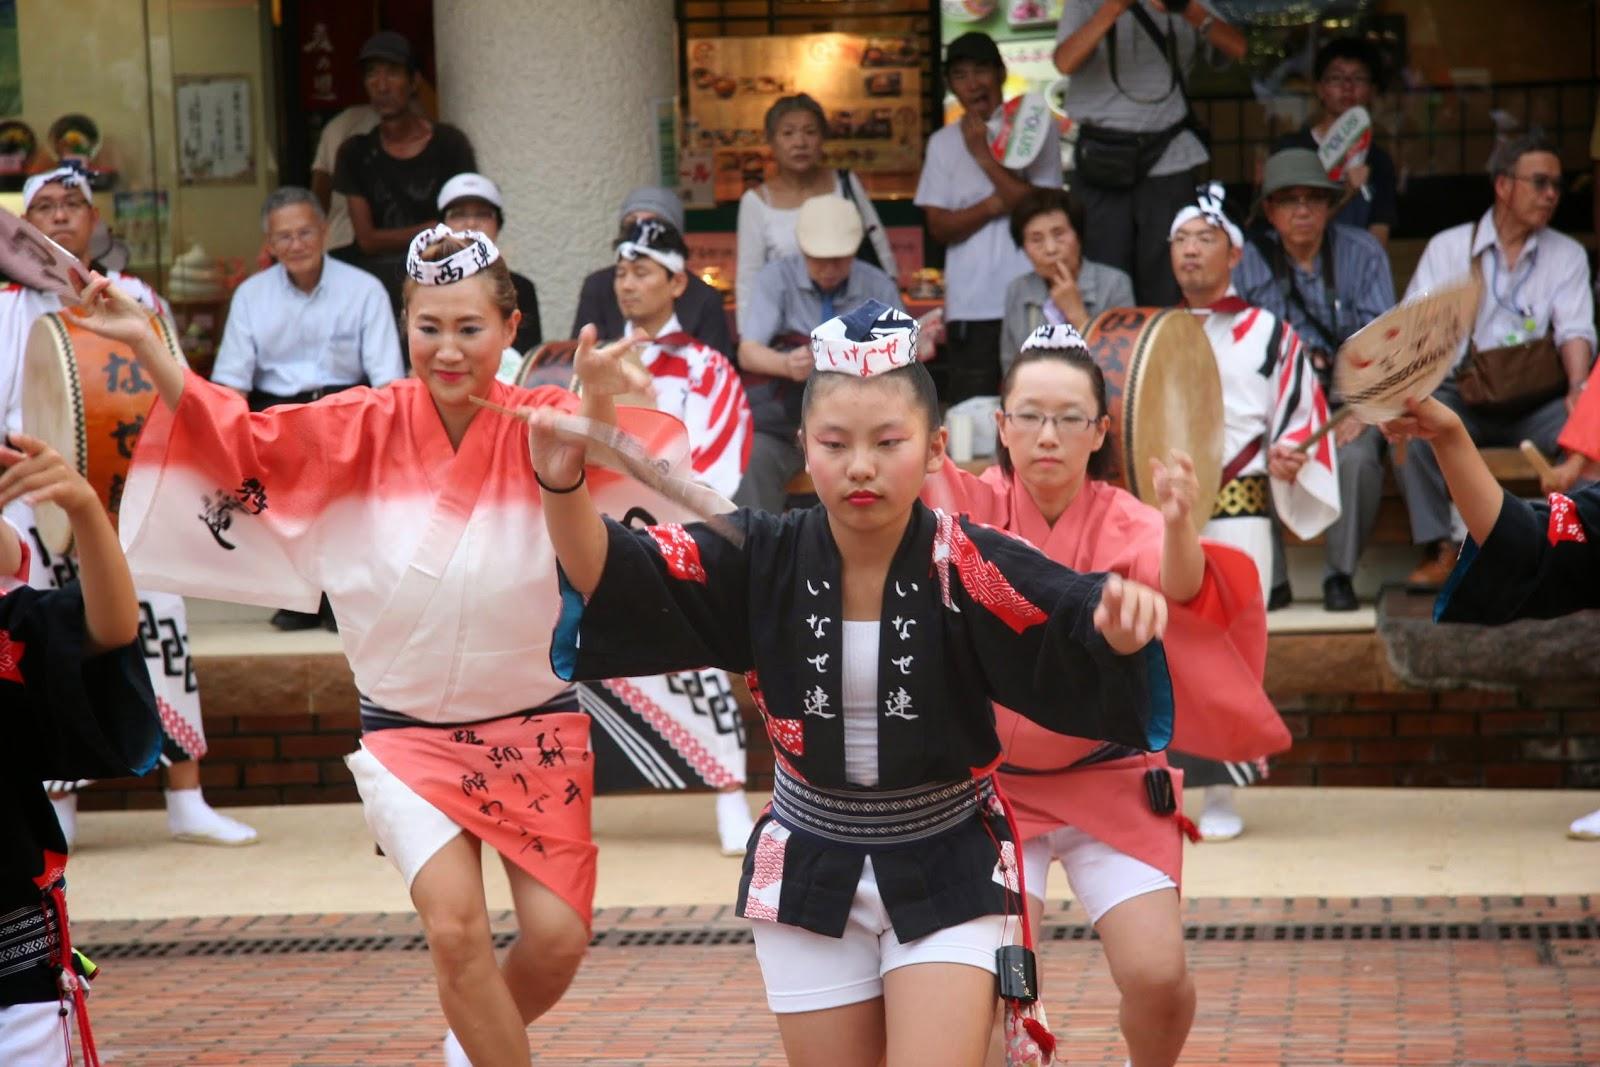 南越谷阿波踊り 2014年8月24日